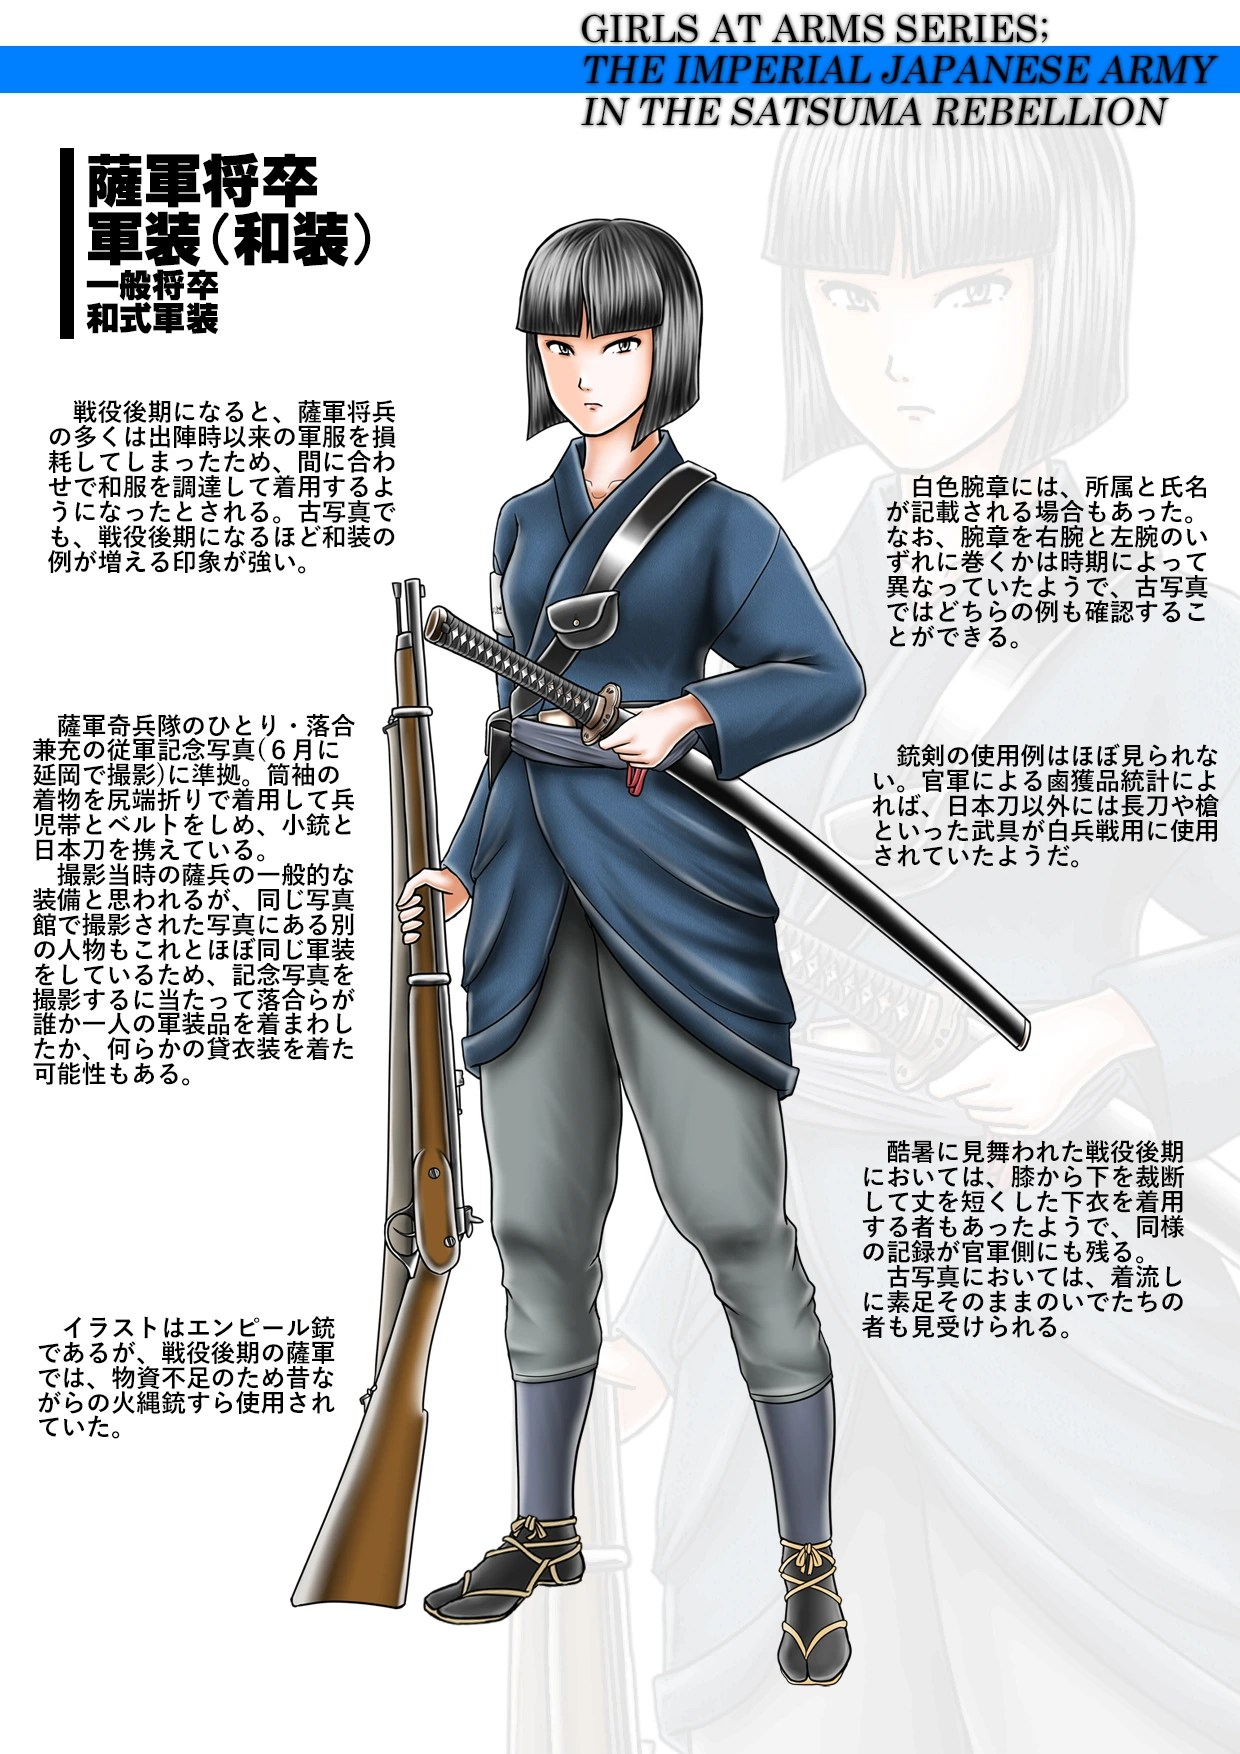 軍服 イラスト 日本 - PrcmPrcm